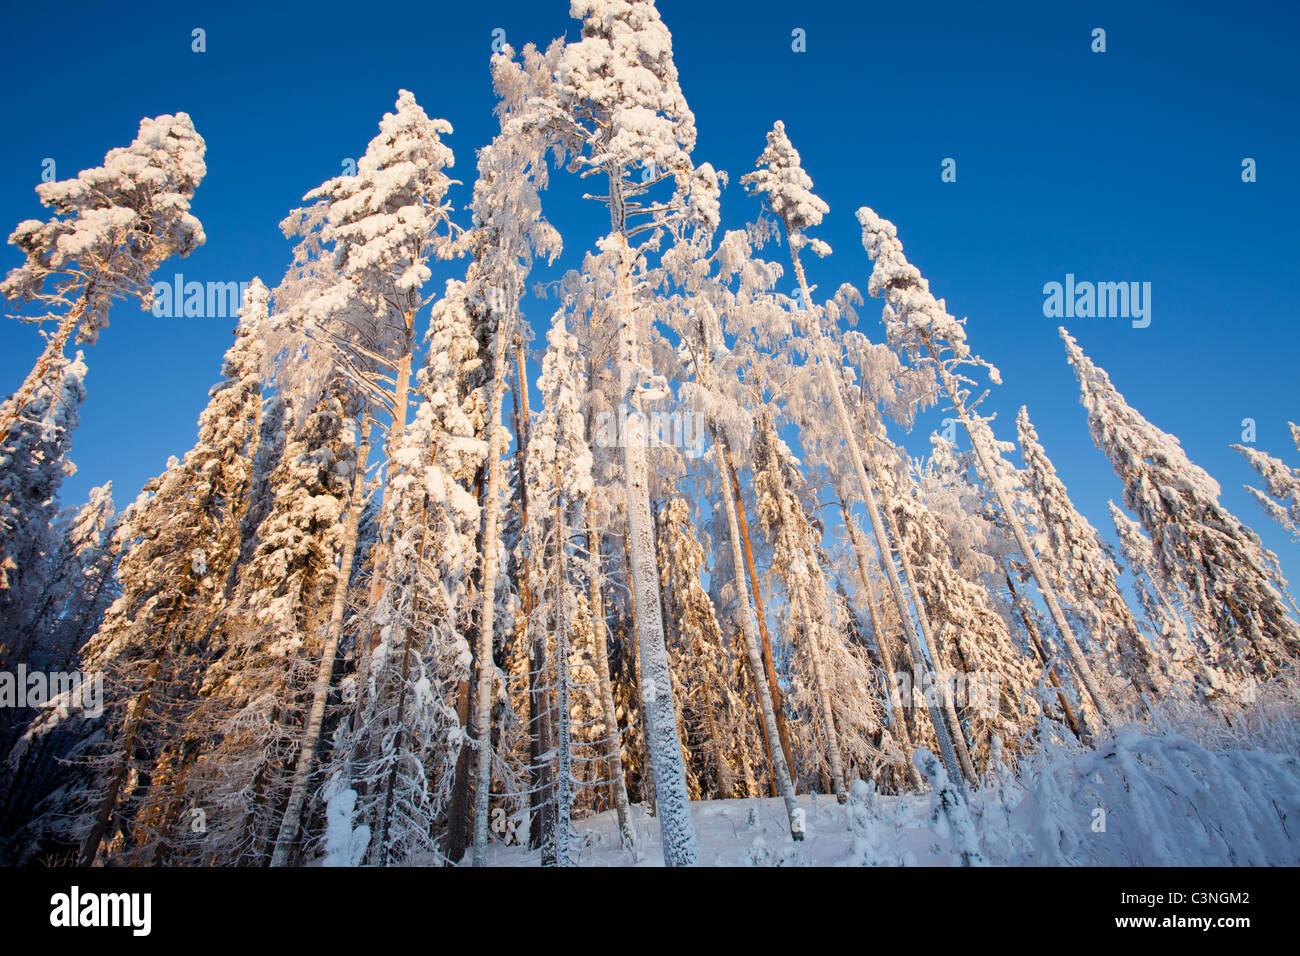 Pins couverts de neige ( Pinus sylvestris ) de la cime des arbres au winter , Finlande Photo Stock